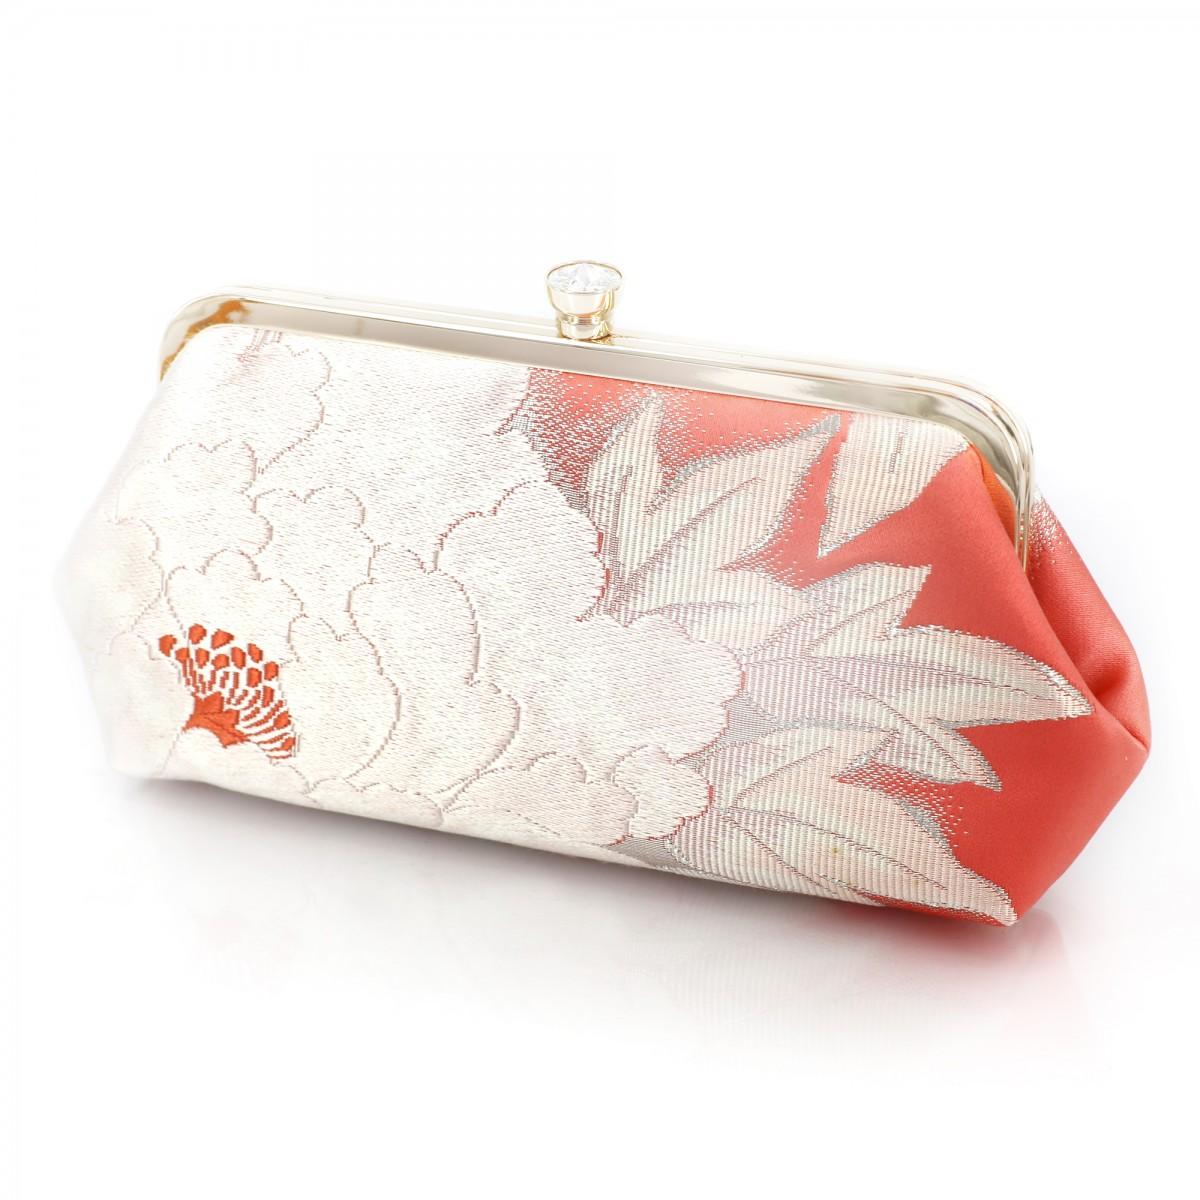 Swaroski Crystal Kimono Clutch with Peony Flower